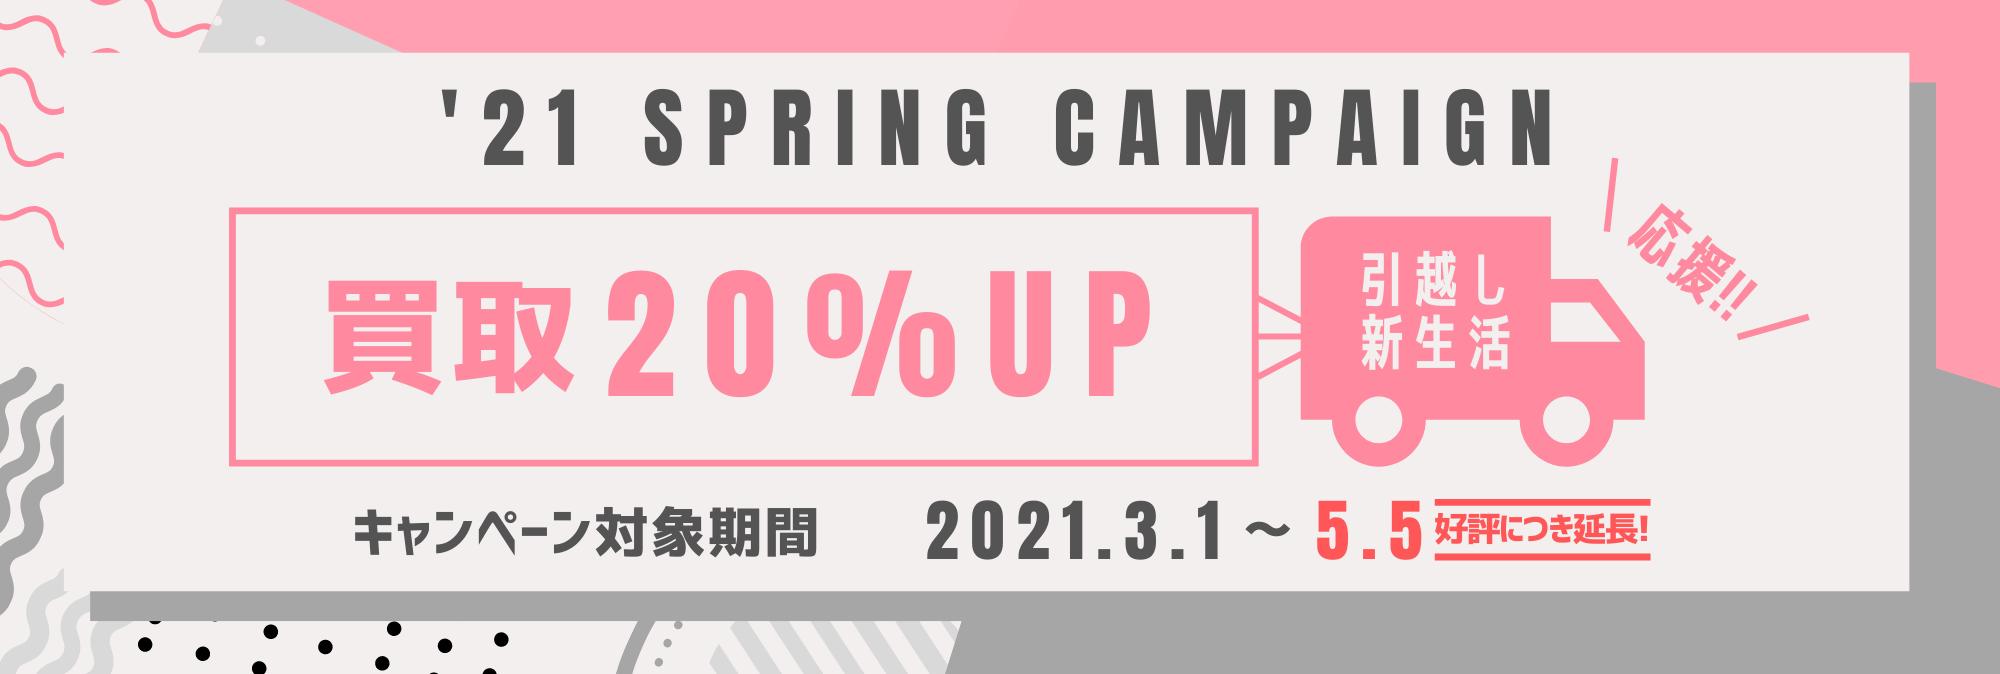 2021春キャンペーンバナーPC用